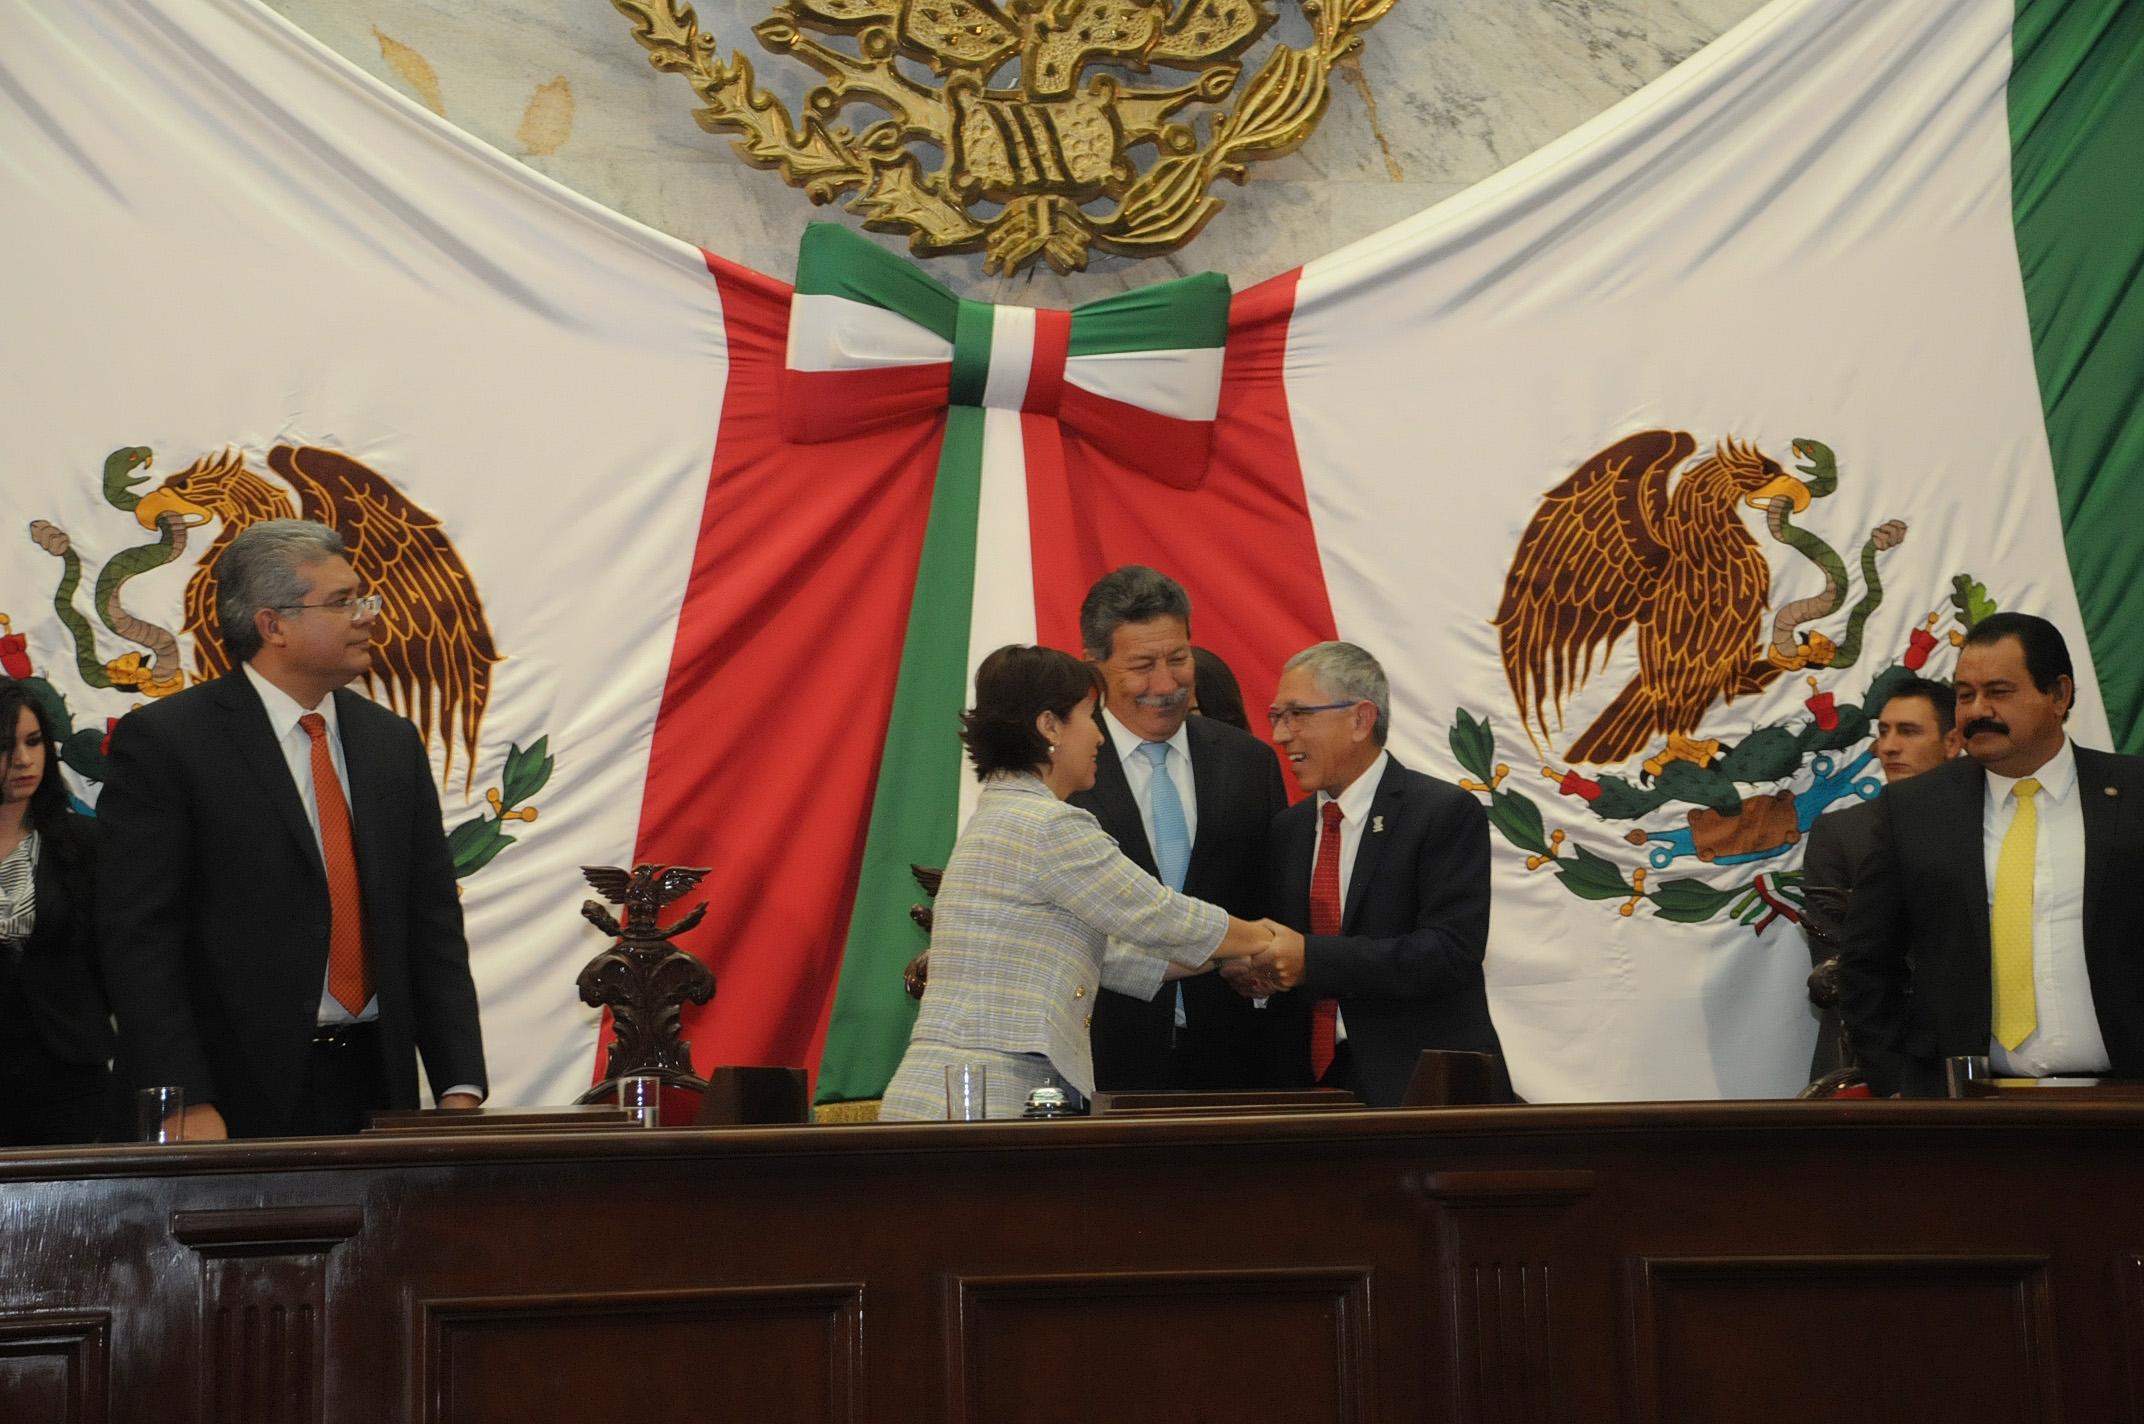 La secretaria de Desarrollo Agrario, Territorial y Urbano, Rosario Robles Berlanga, saluda al gobernador de Michoacán, Salvador Jara Guerrero, durante la ceremonia en la que éste último presentó su Informe de labores.